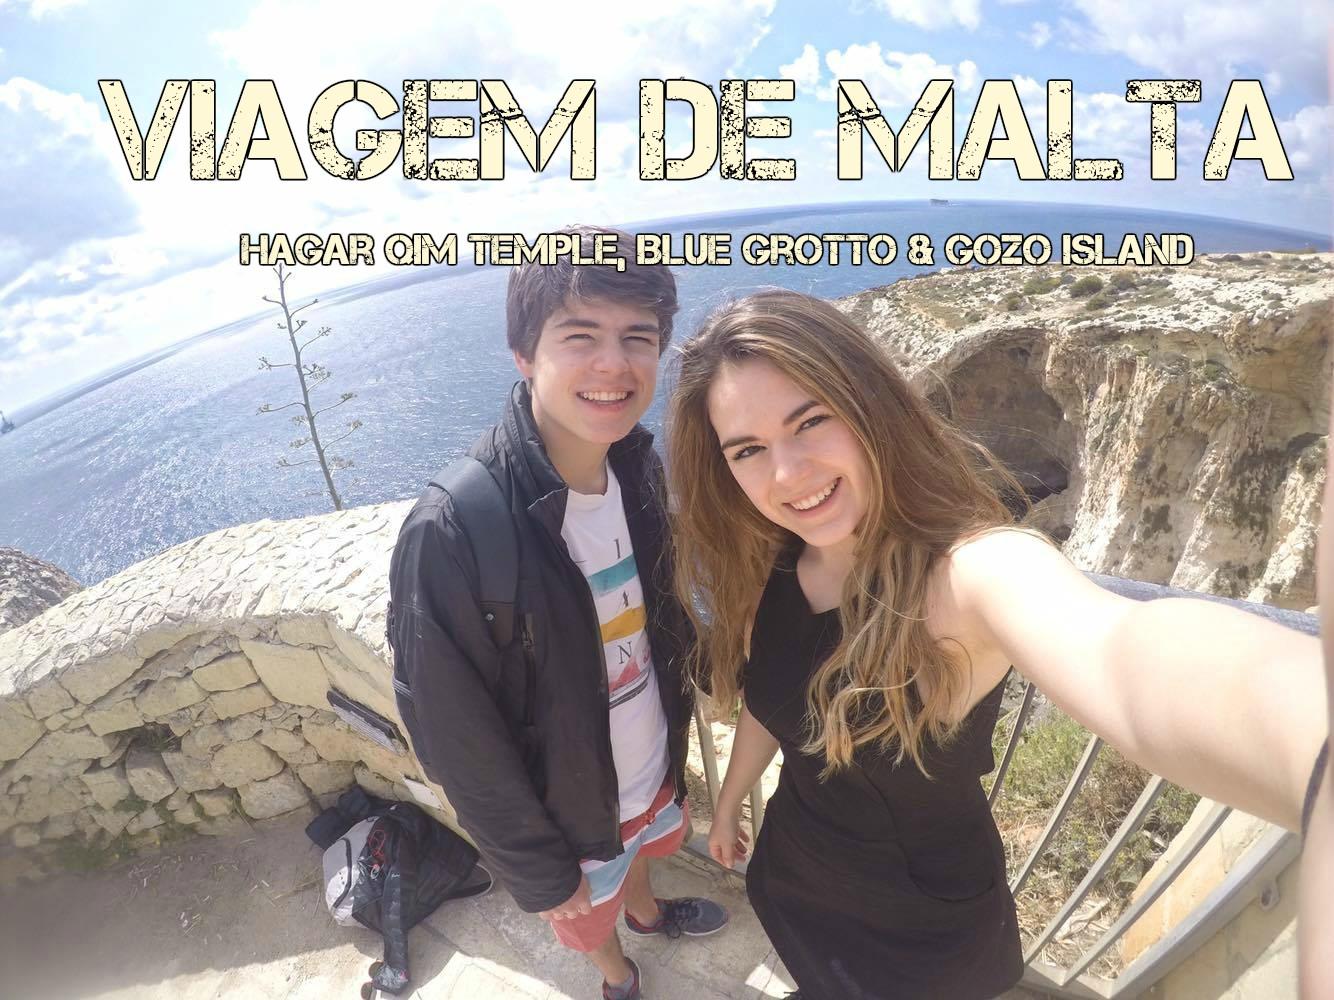 Video das aventuras em Malta, parte 2!